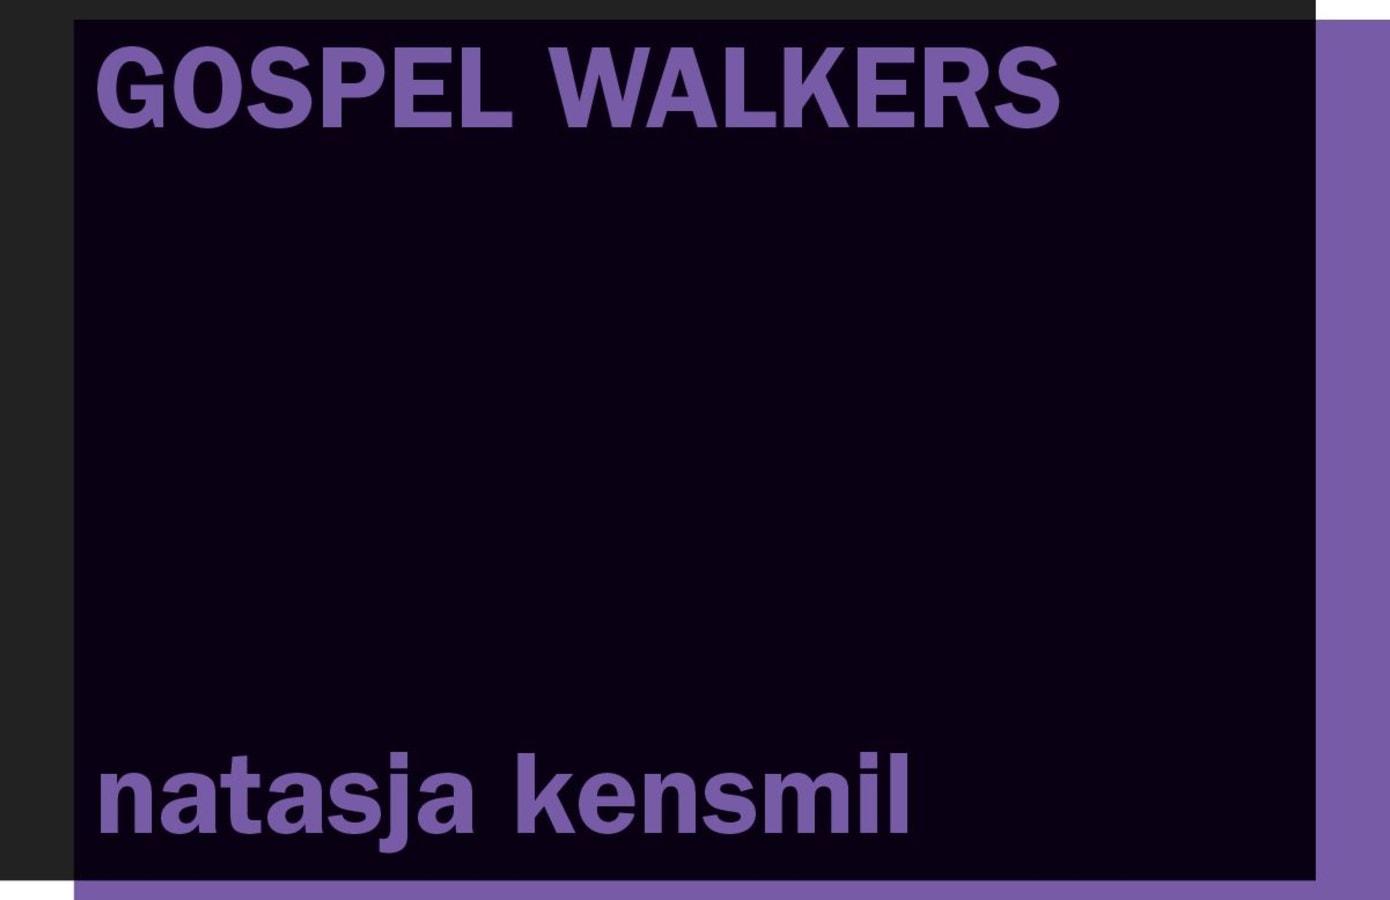 Gospel Walkers, Natasja Kensmil,